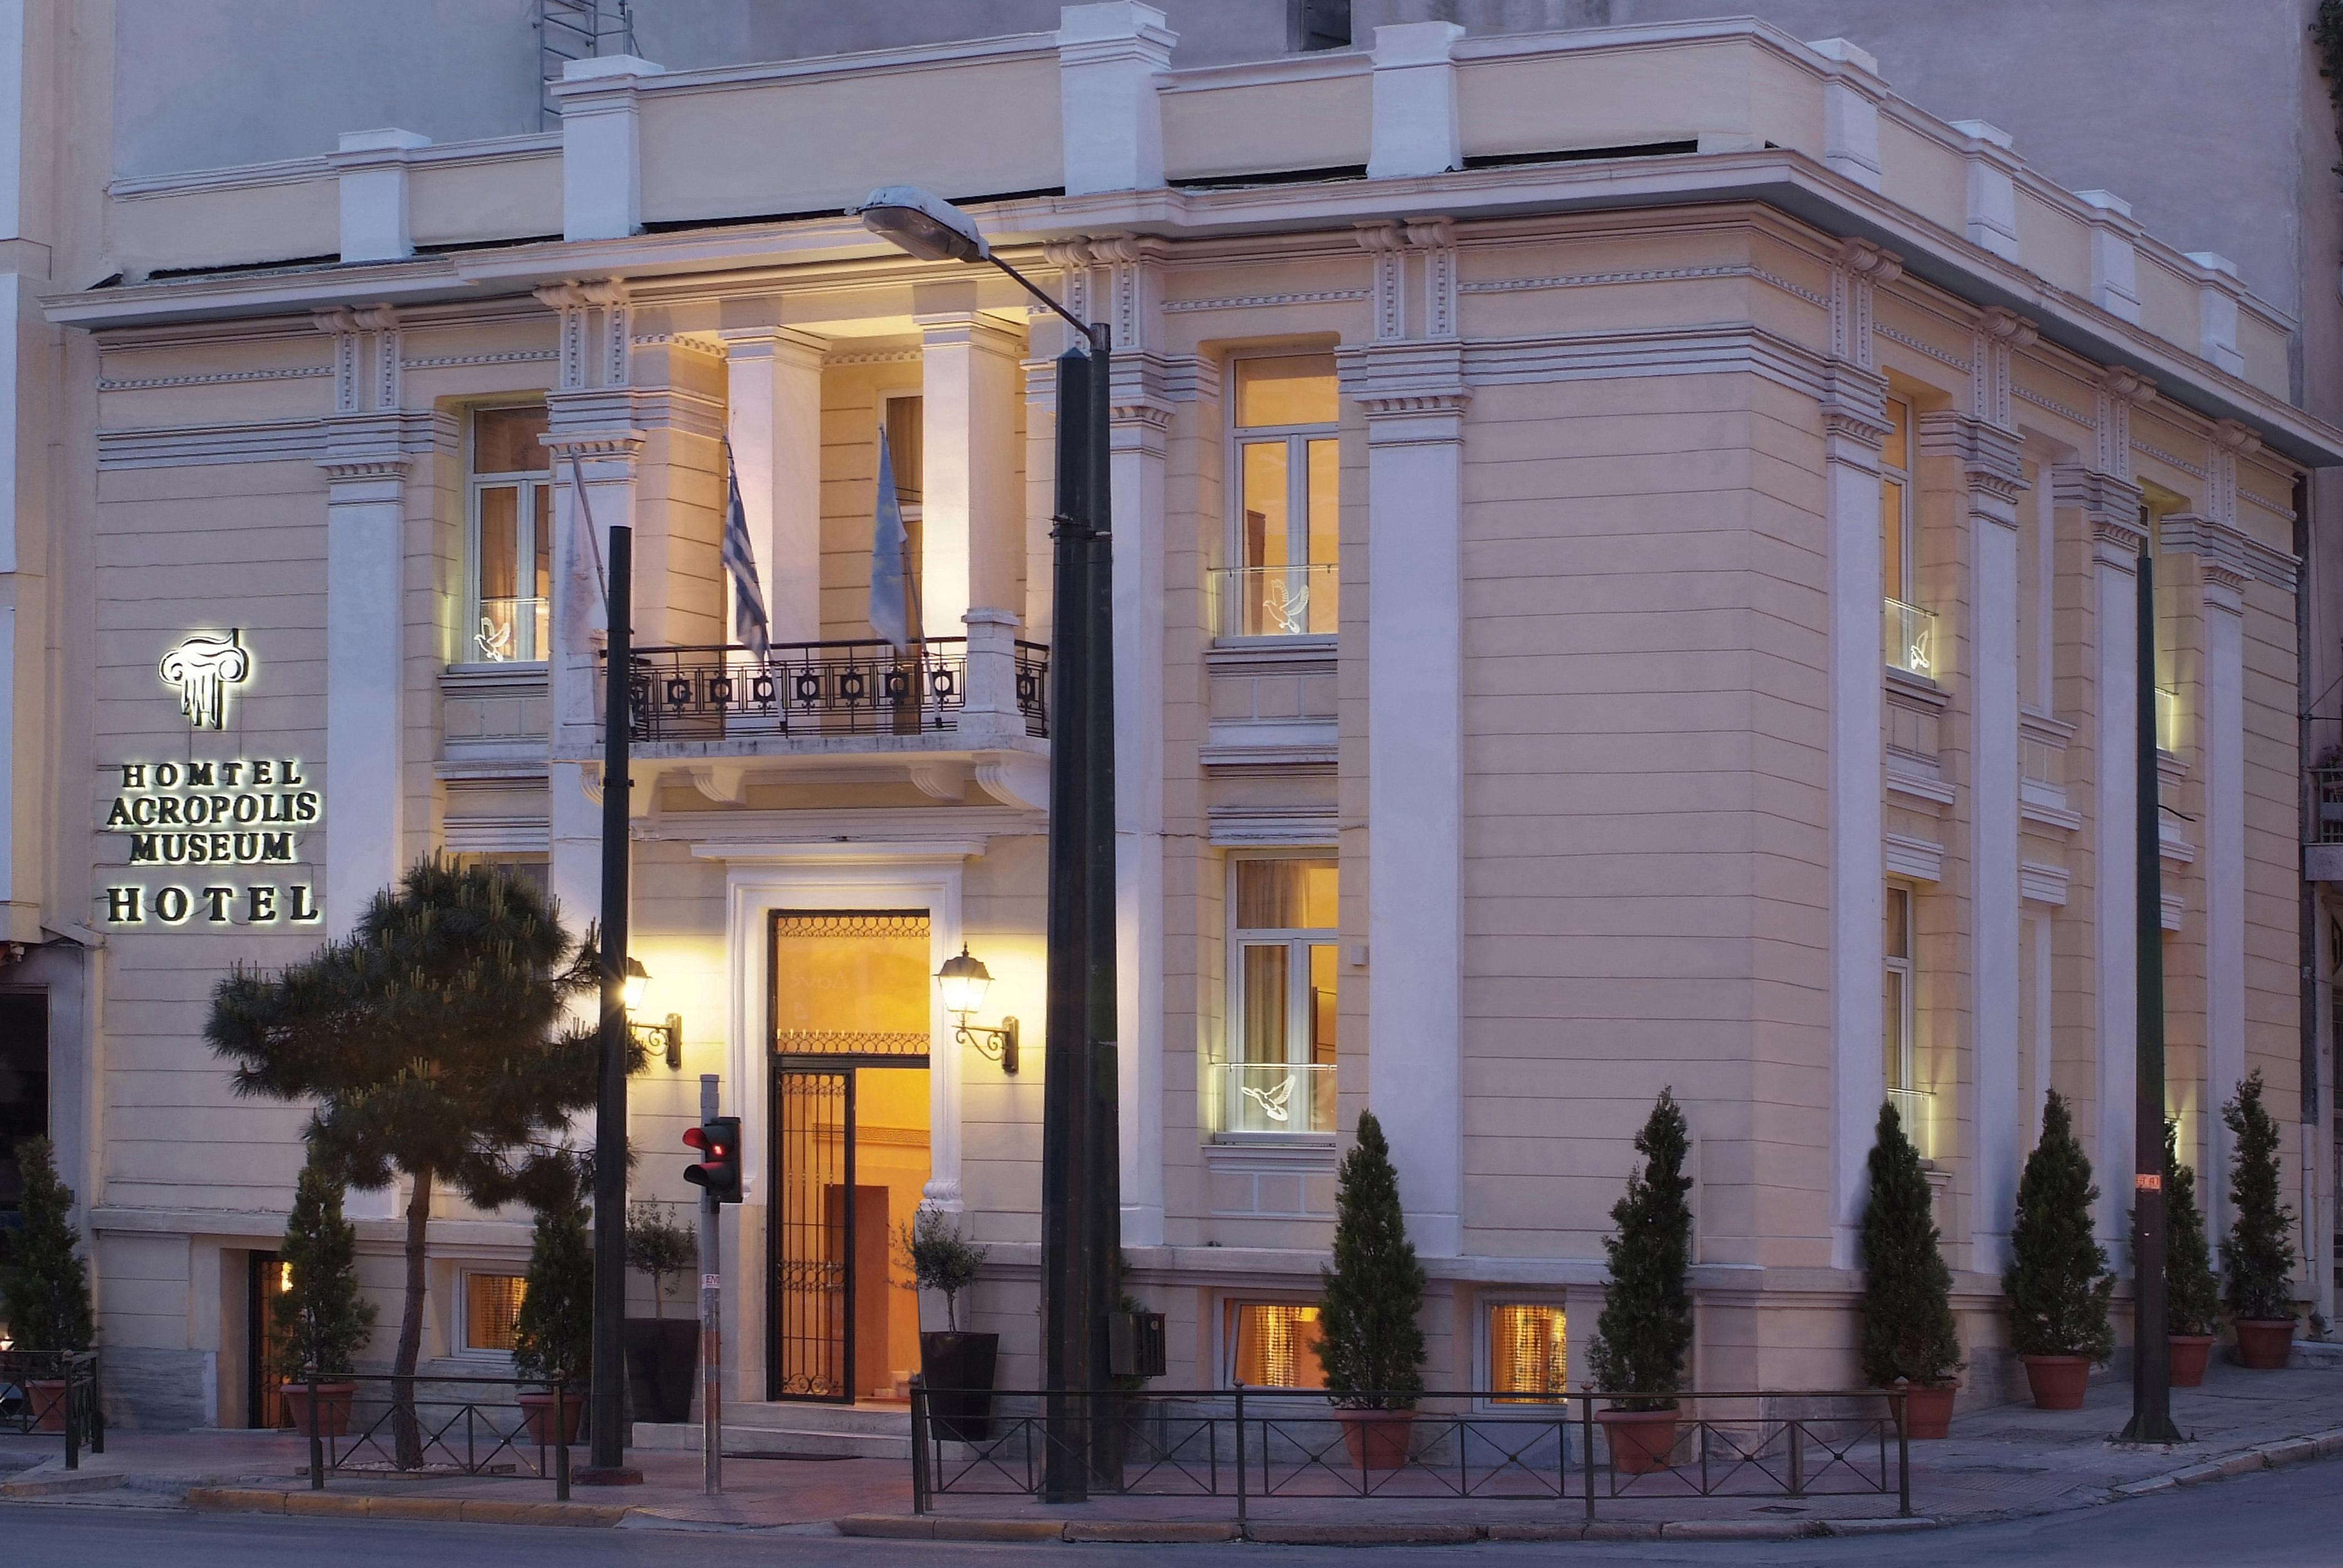 衛城博物館精品酒店